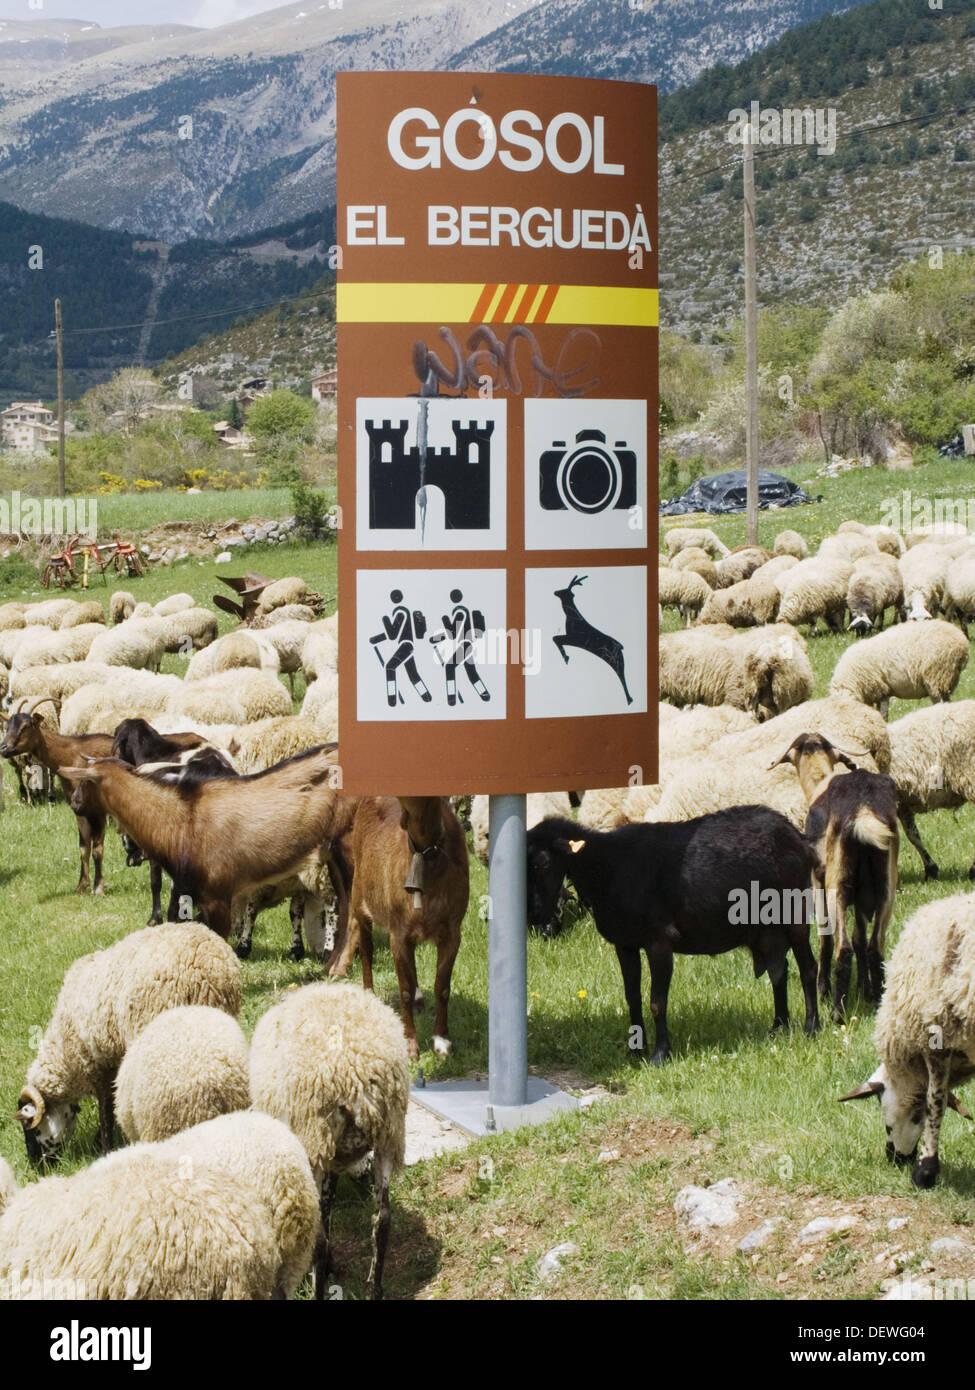 Pecore. Gósol. El Berguedà, la Catalogna. Spagna. Percorso di uomini buoni (Camí dels Bons Homes). Percorso dei Catari. Mountain-bike. Immagini Stock